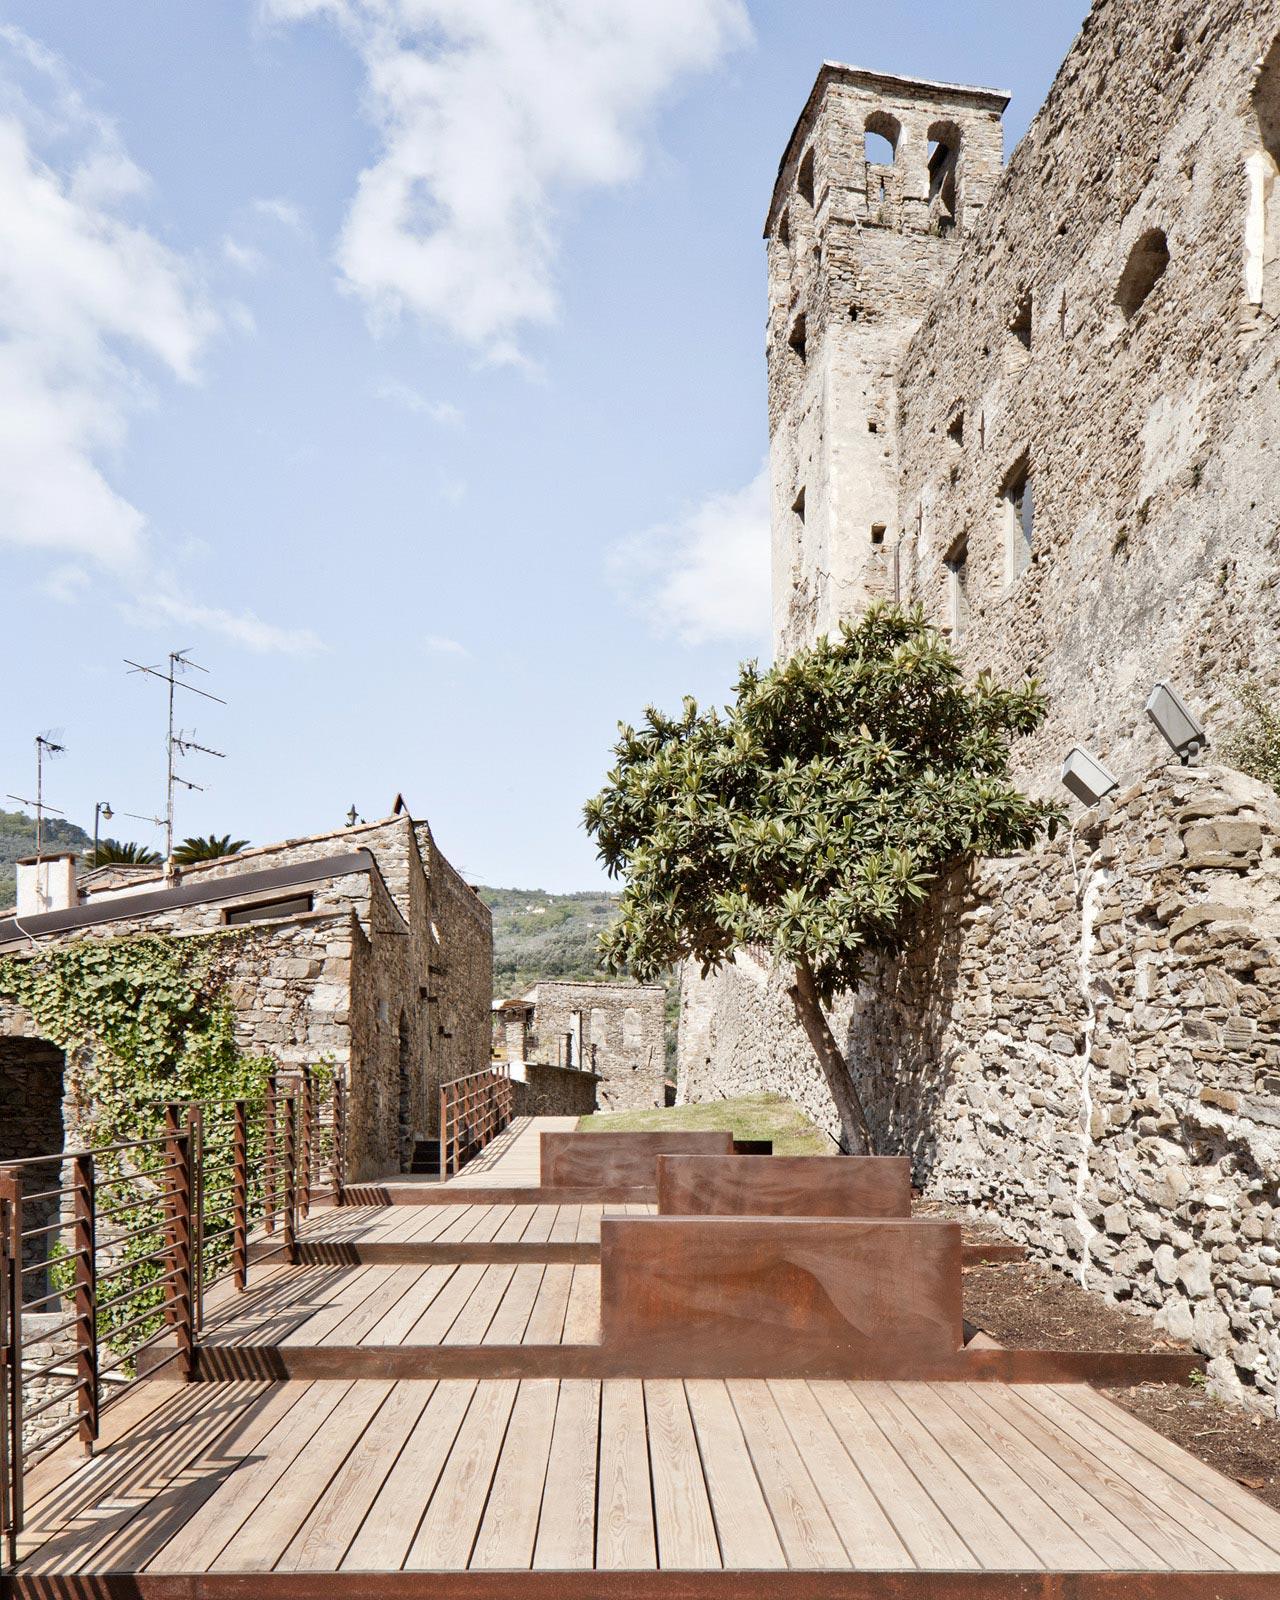 Andrea Bosio, Architecture photography, fotografia architettura, LDA+SR, Luca Dolmetta , Silvia Rizzo